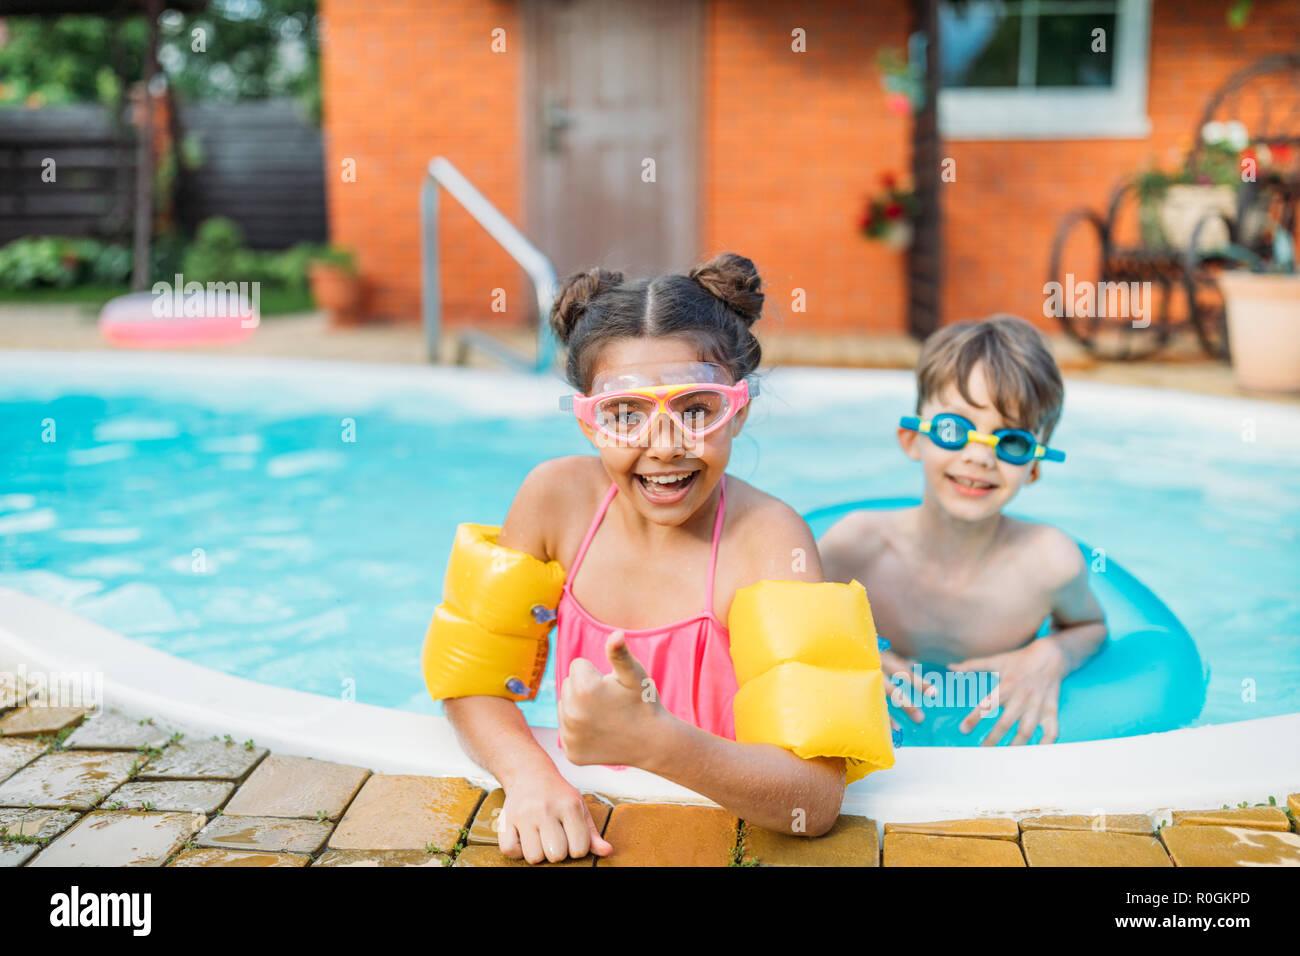 Kleinen Geschwister Schwimmen im Schwimmbad gemeinsam auf Sommer Tag Stockbild